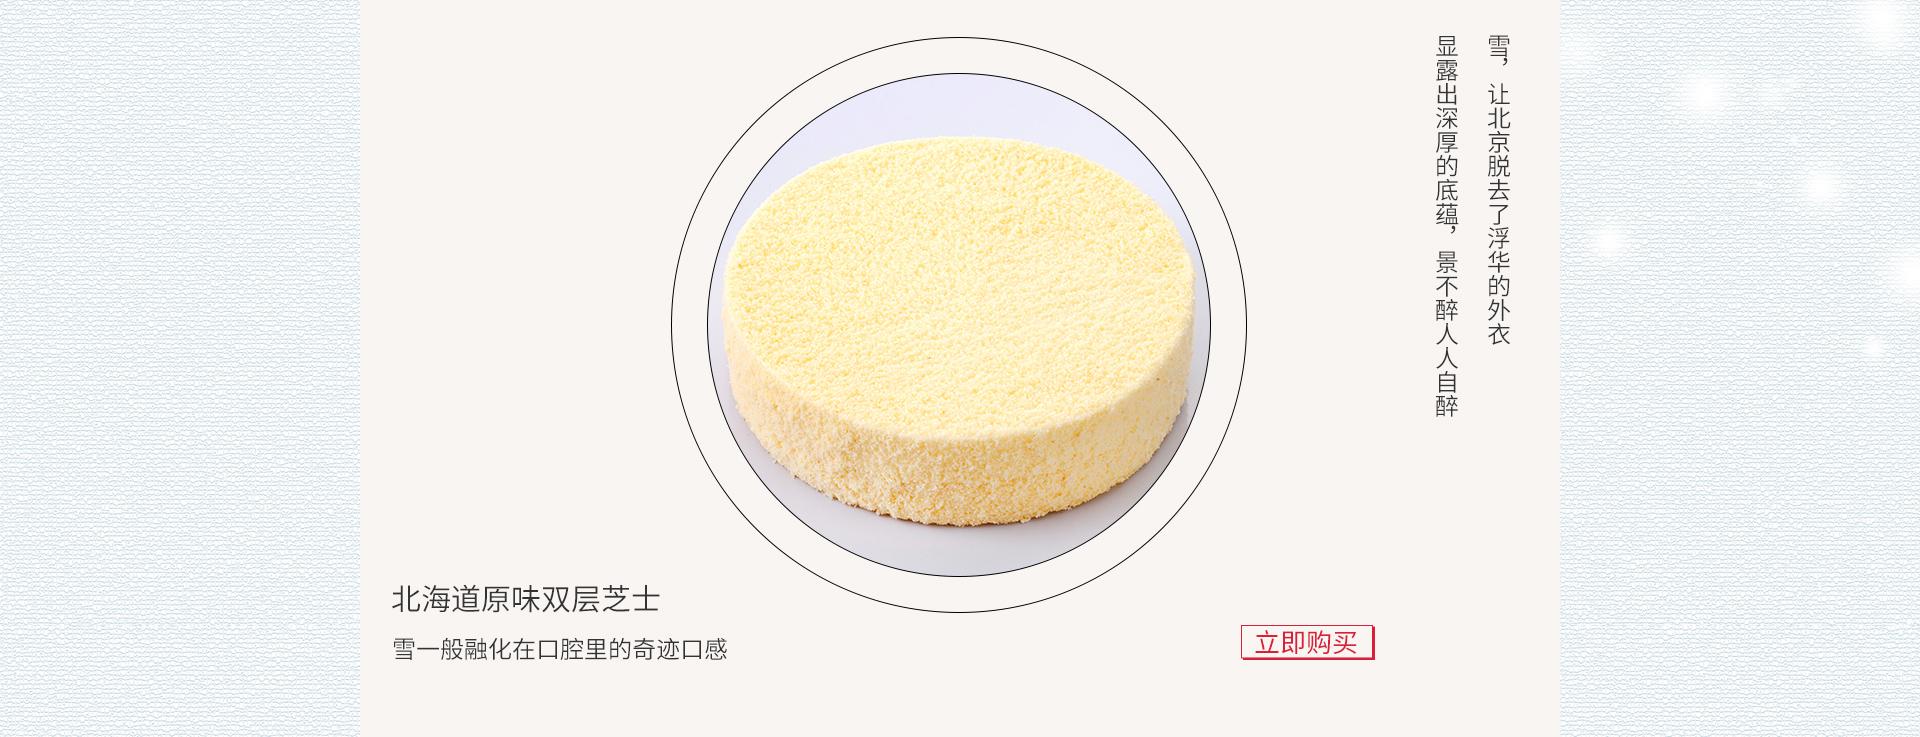 ebeecake小蜜蜂蛋糕 北海道双层芝士蛋糕